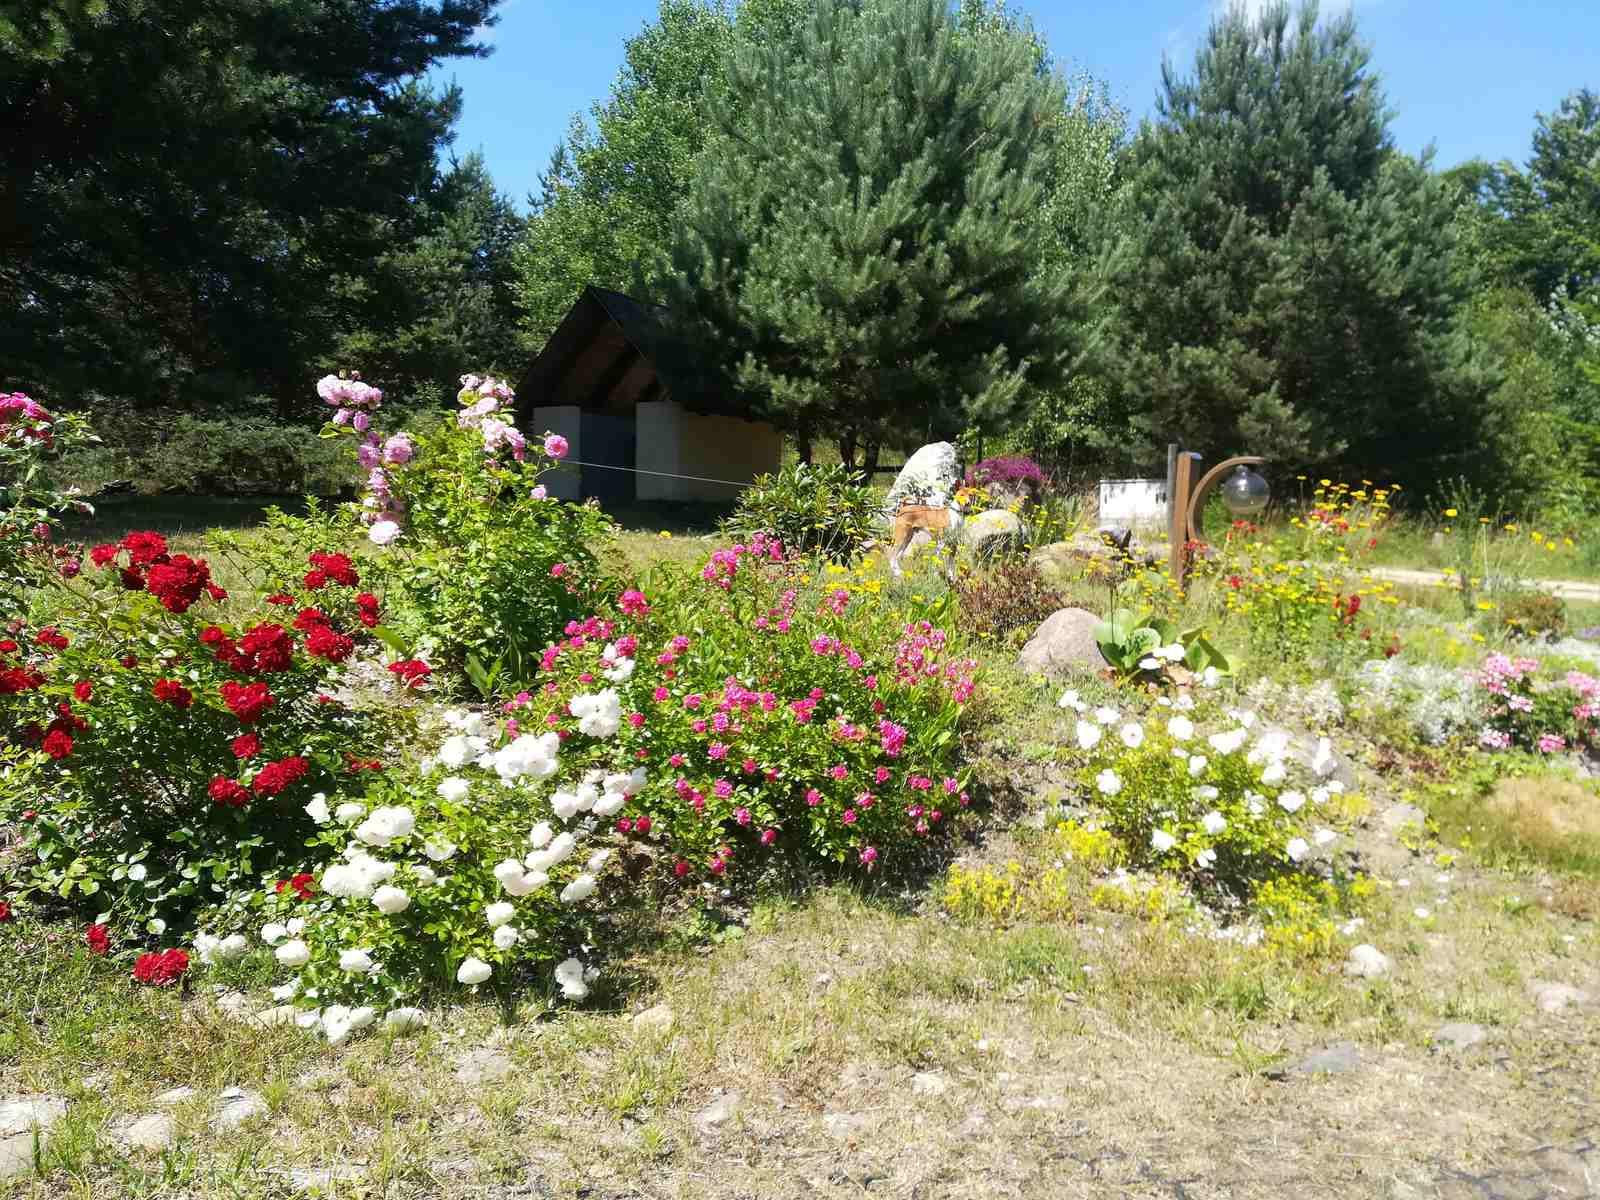 Ogród towyjątkowe miejsce